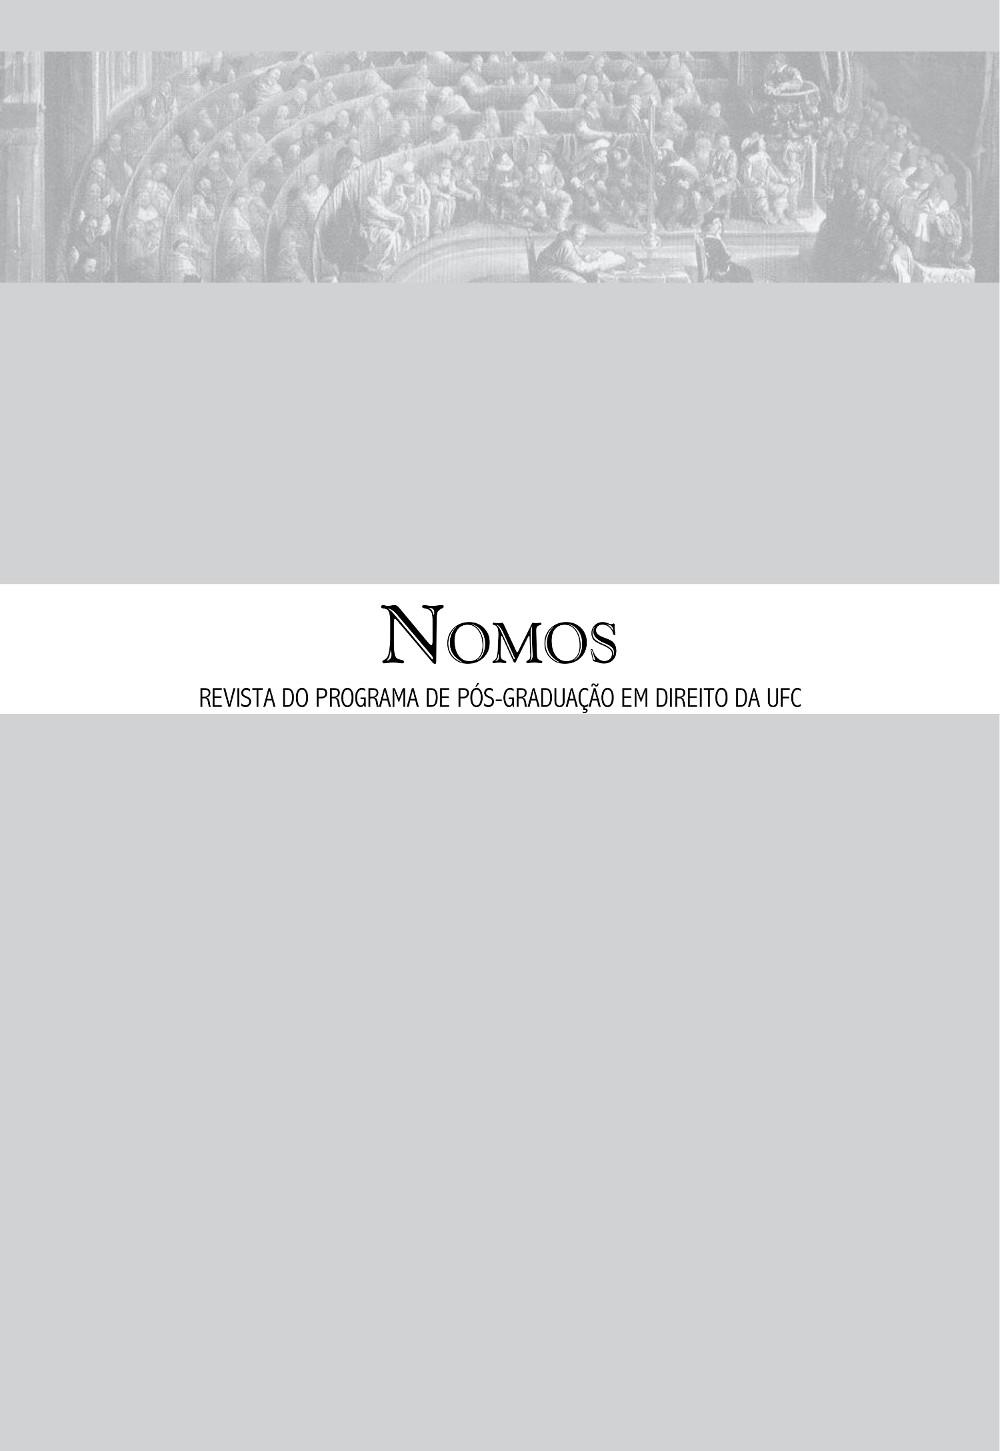 Nomos, volume 32, número 1, janeiro a junho de 2012